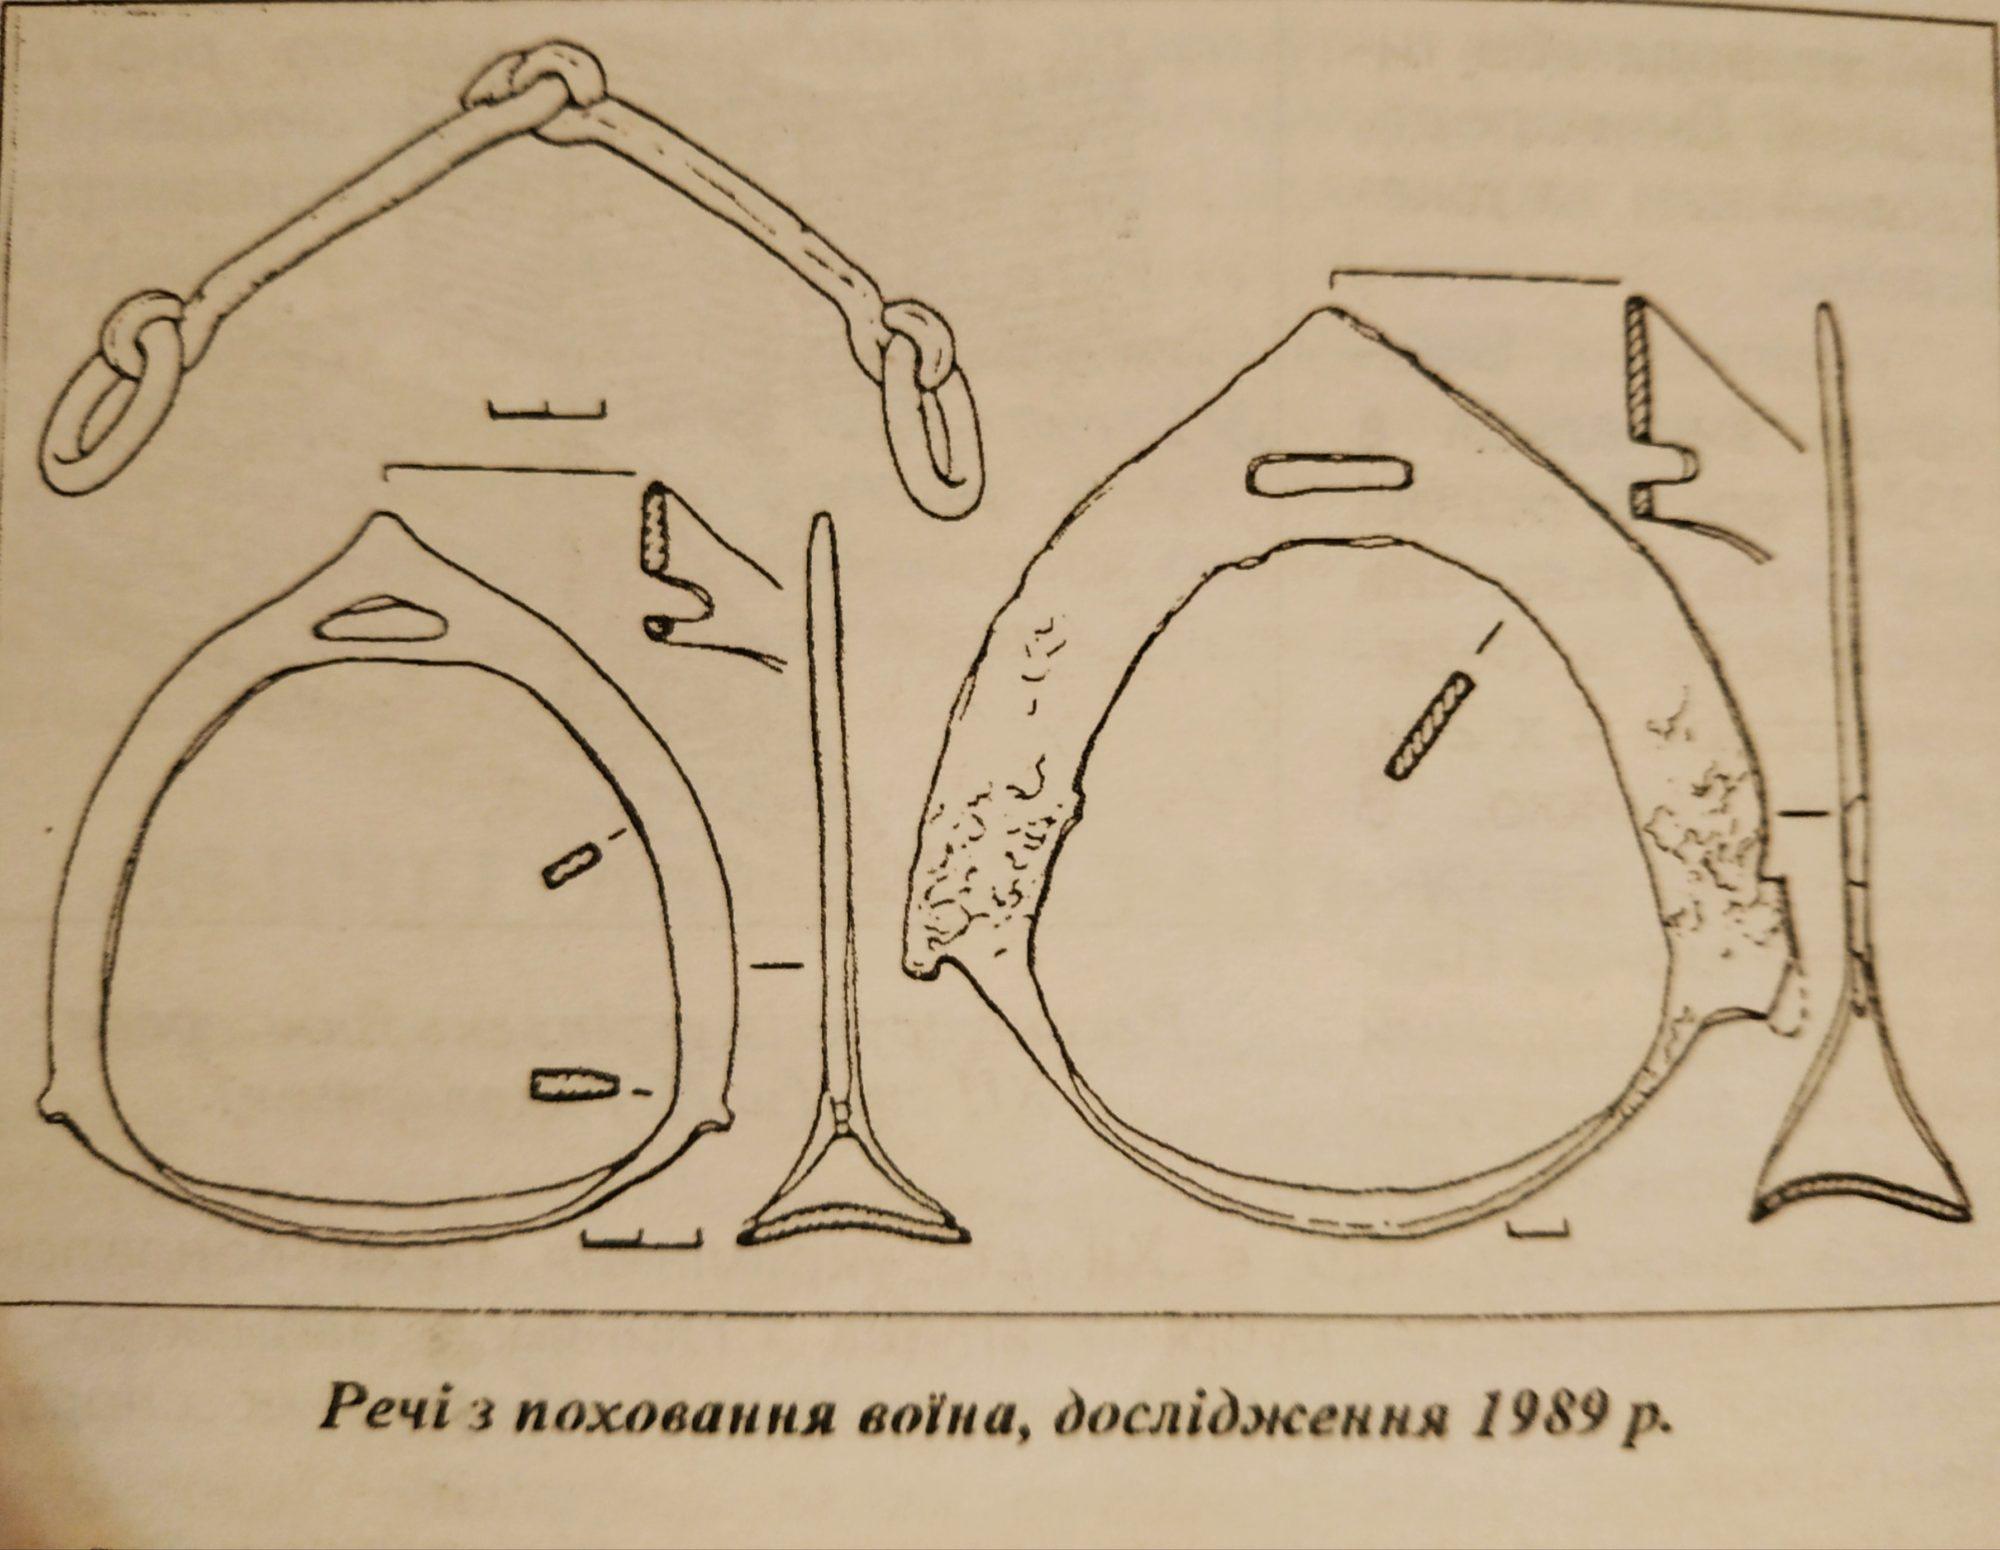 Археологічні дослідження: у княжій дружині Х-ХІІІ ст. служили воїни-кочовики - поховання, київщина, воїни, Вишгород, археологічні розкопки, QR-код - 0814 Pohovannya CHorniKlob1 2000x1550